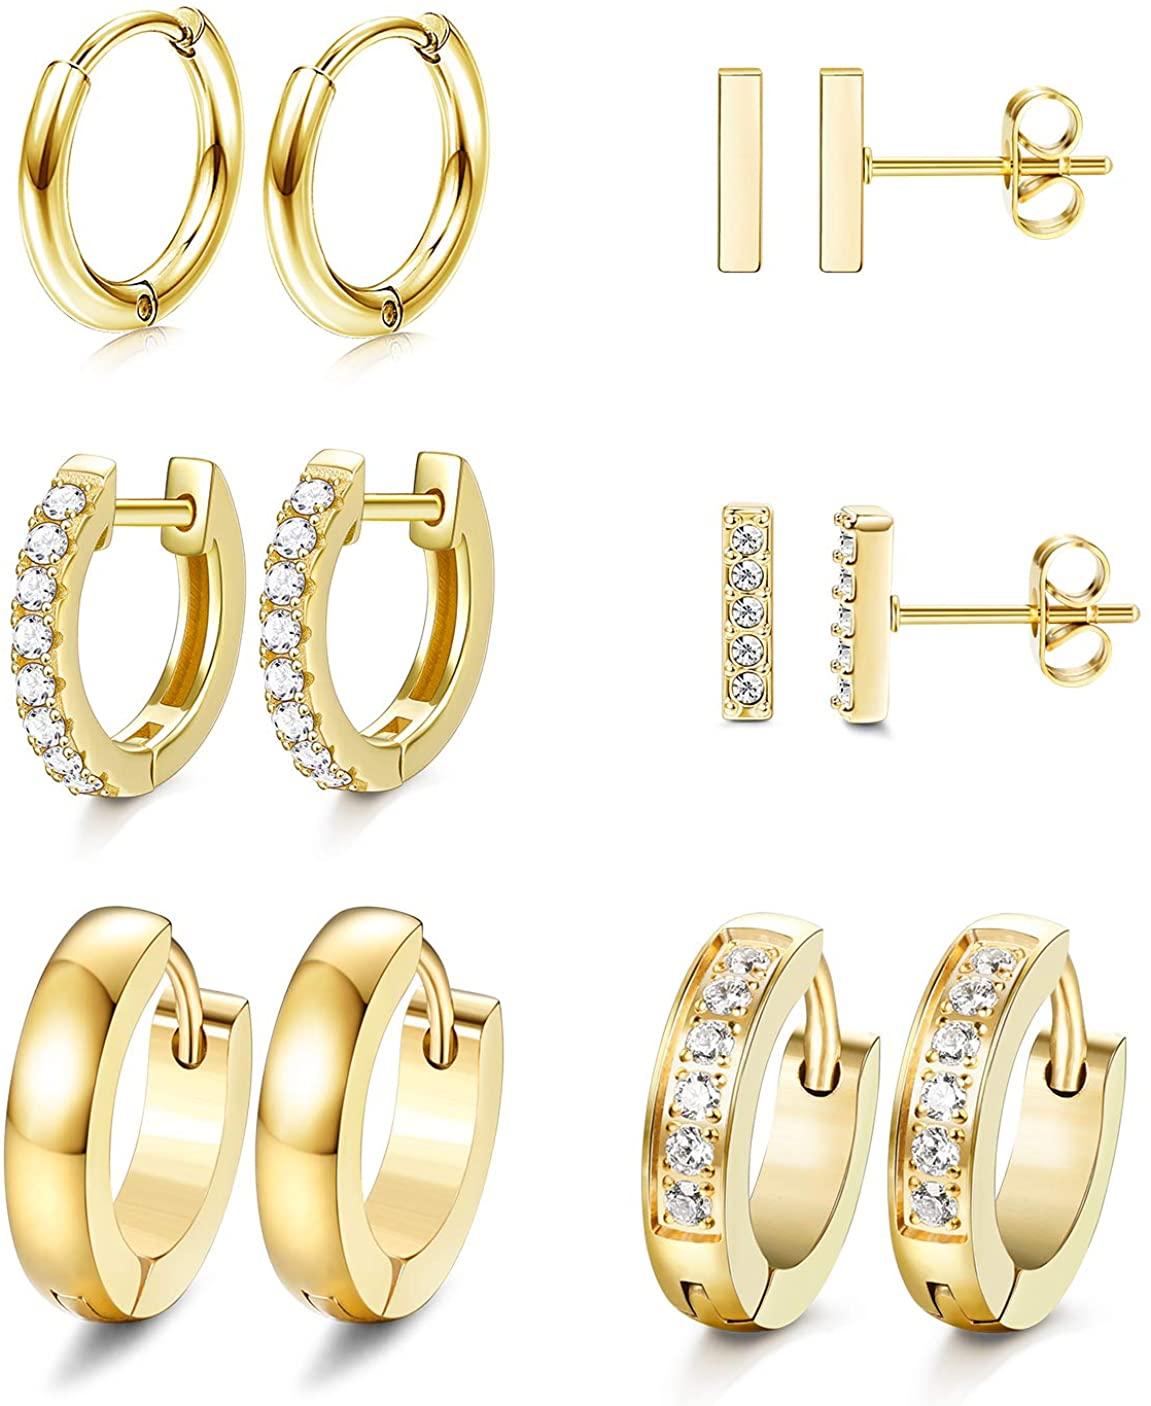 JOERICA 6 Pairs Hoop Huggie Earrings for Women Girls Minimalist Cuff Mini Bar Stud Earrings Gold Silver Cubic Zirconia Small Ear Piercing Set